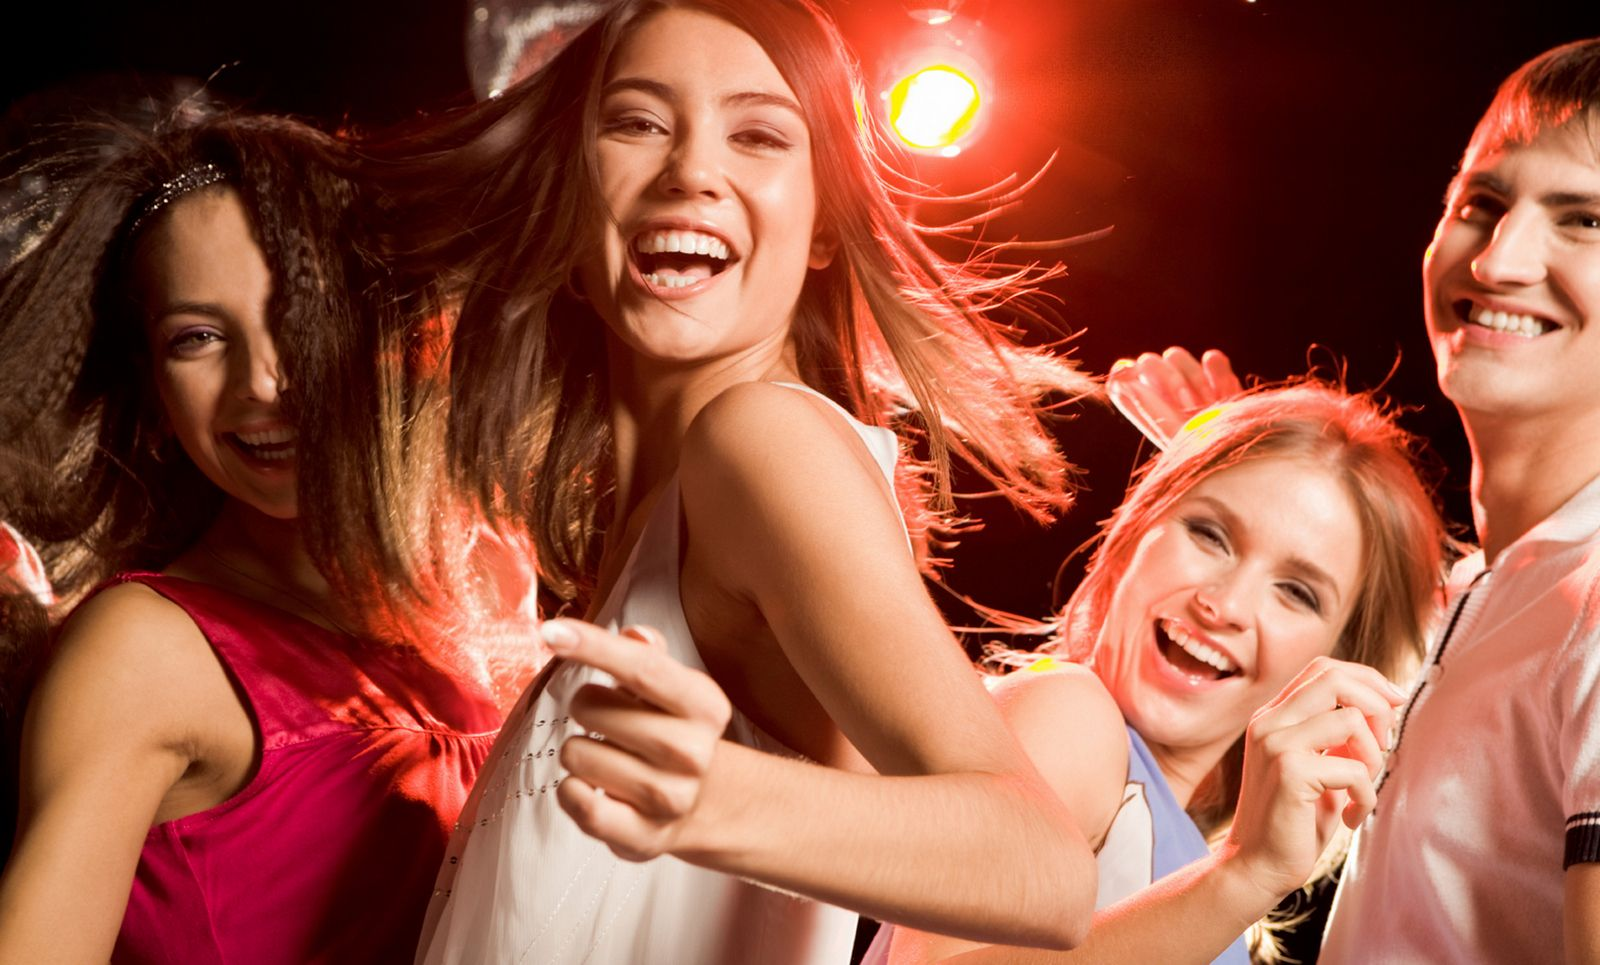 Фото красивых фото девушек в клубе